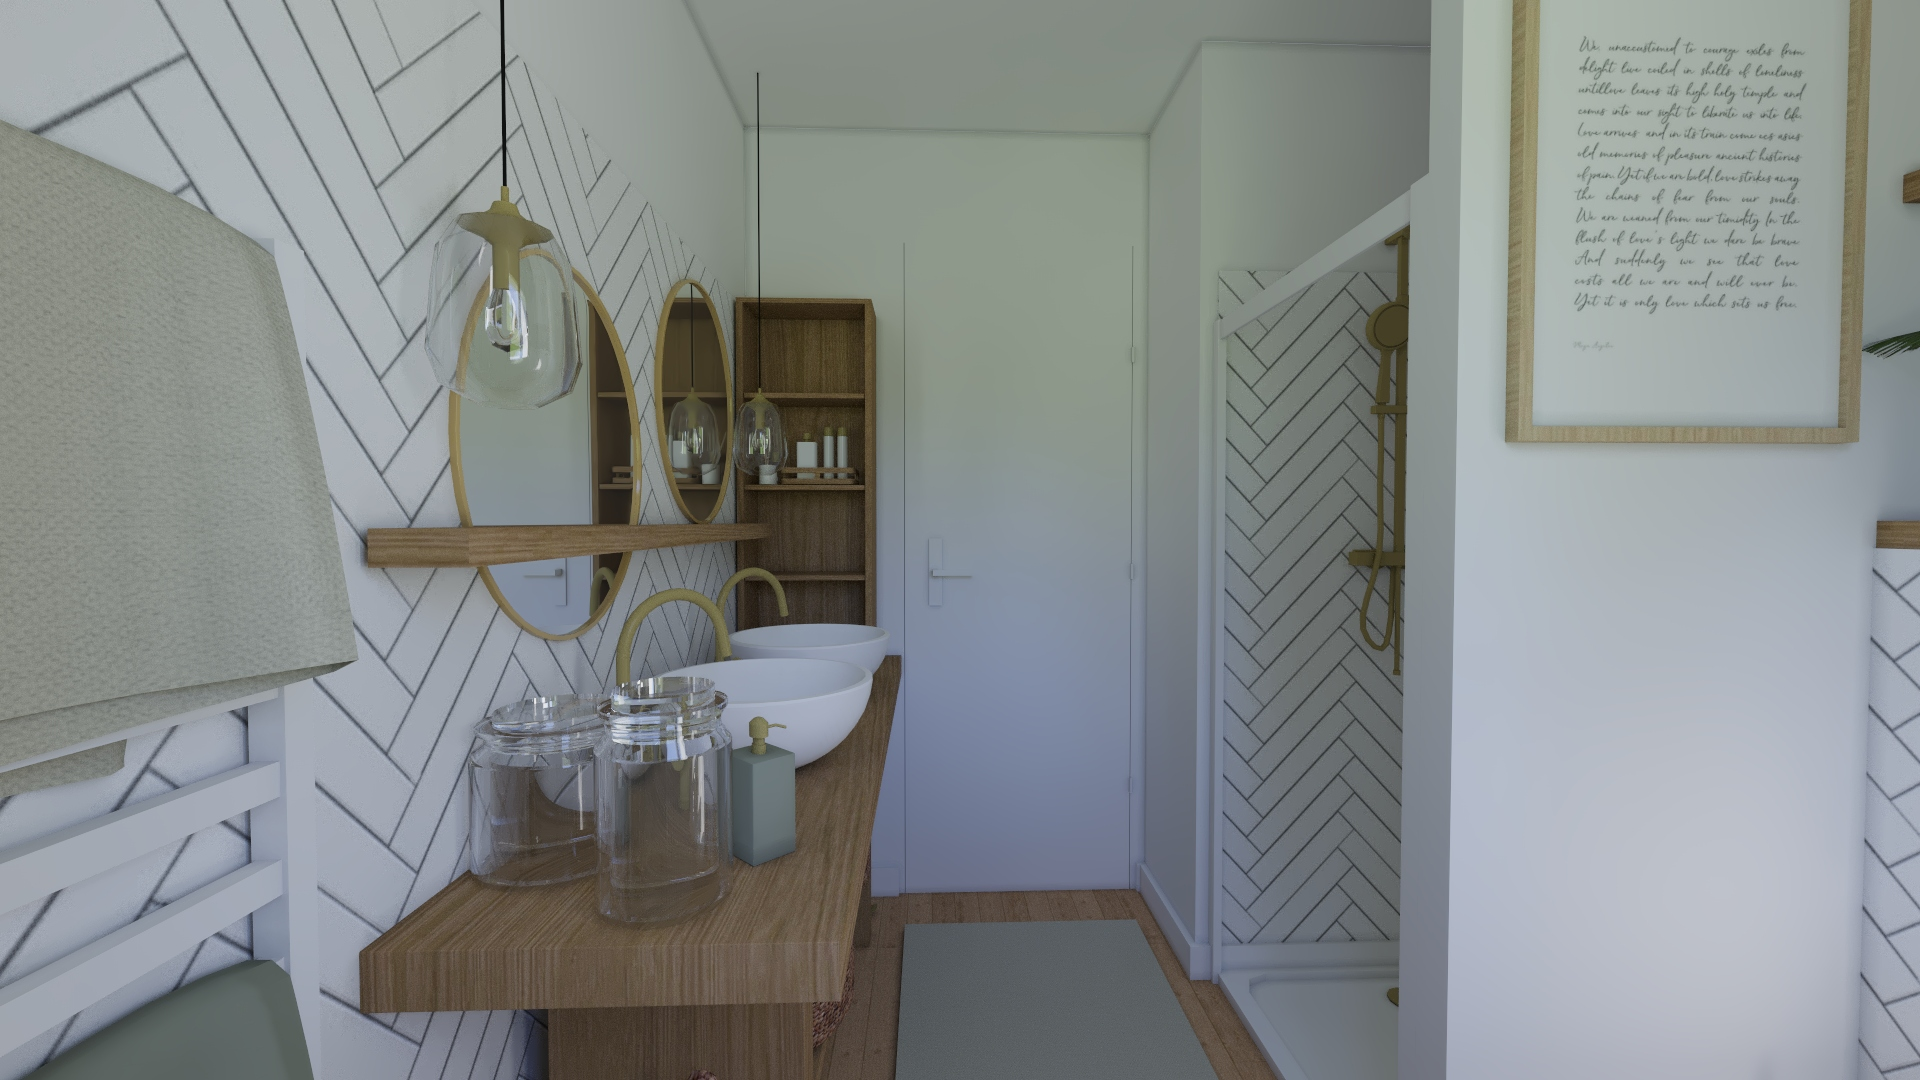 Salle de  bain en laiton